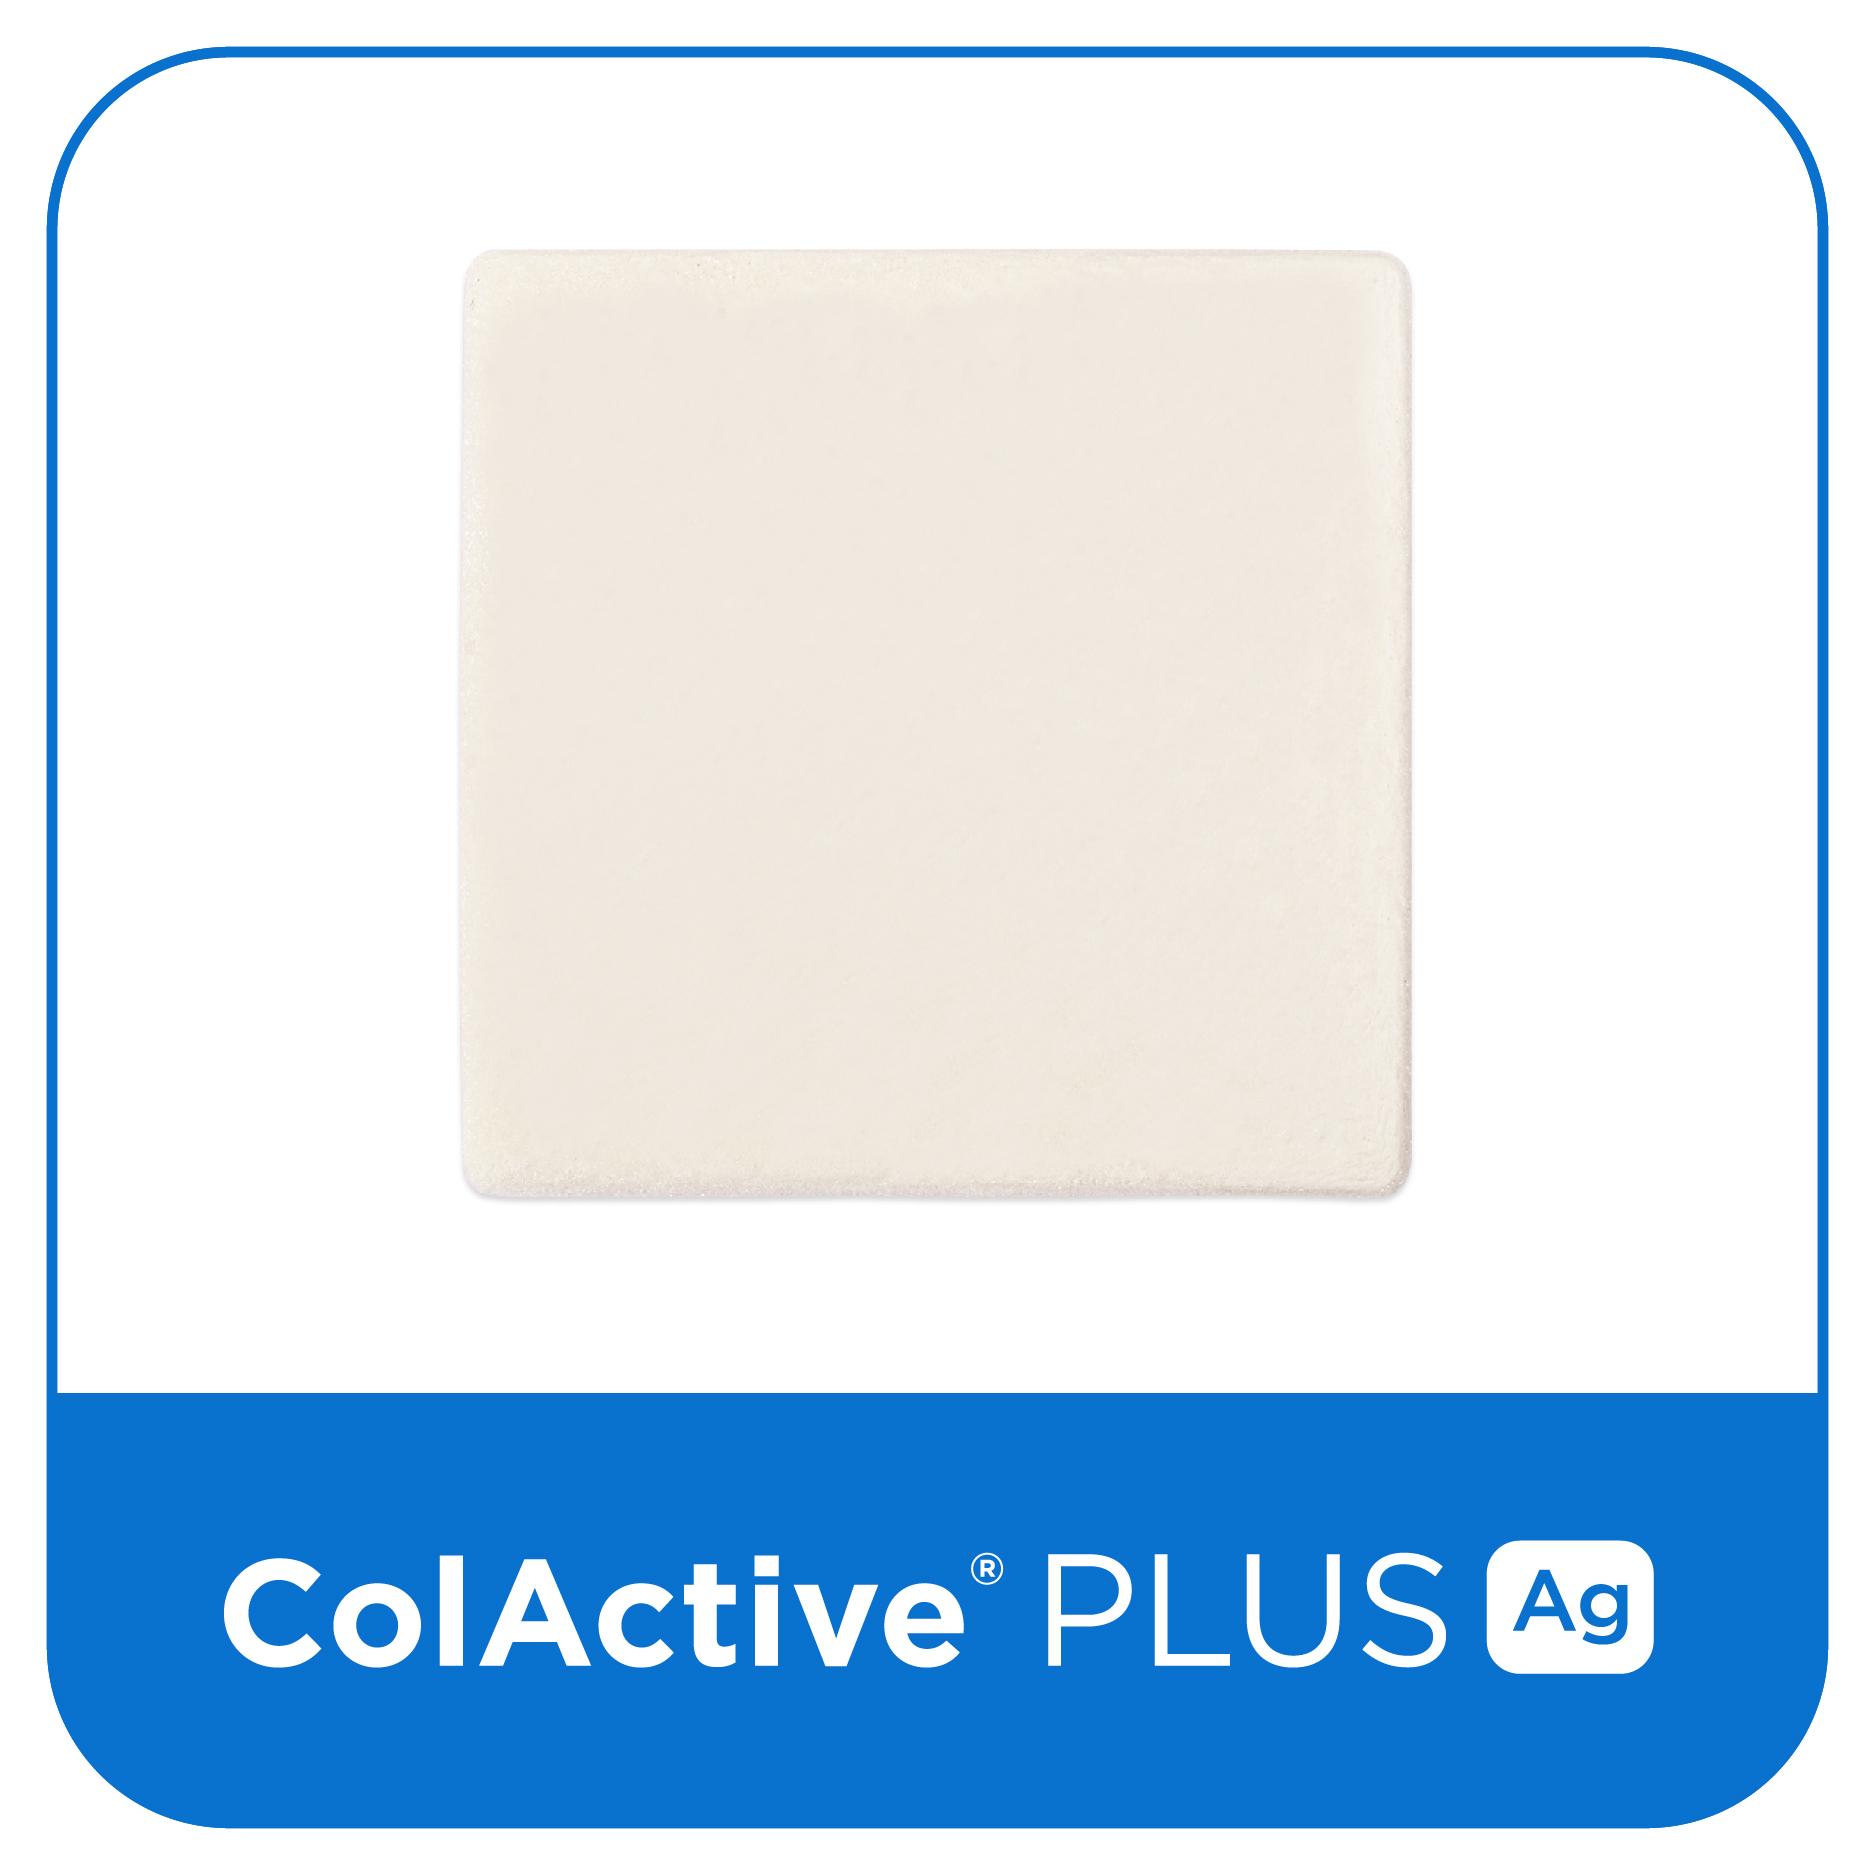 COLACTIVE-PLUS-AG